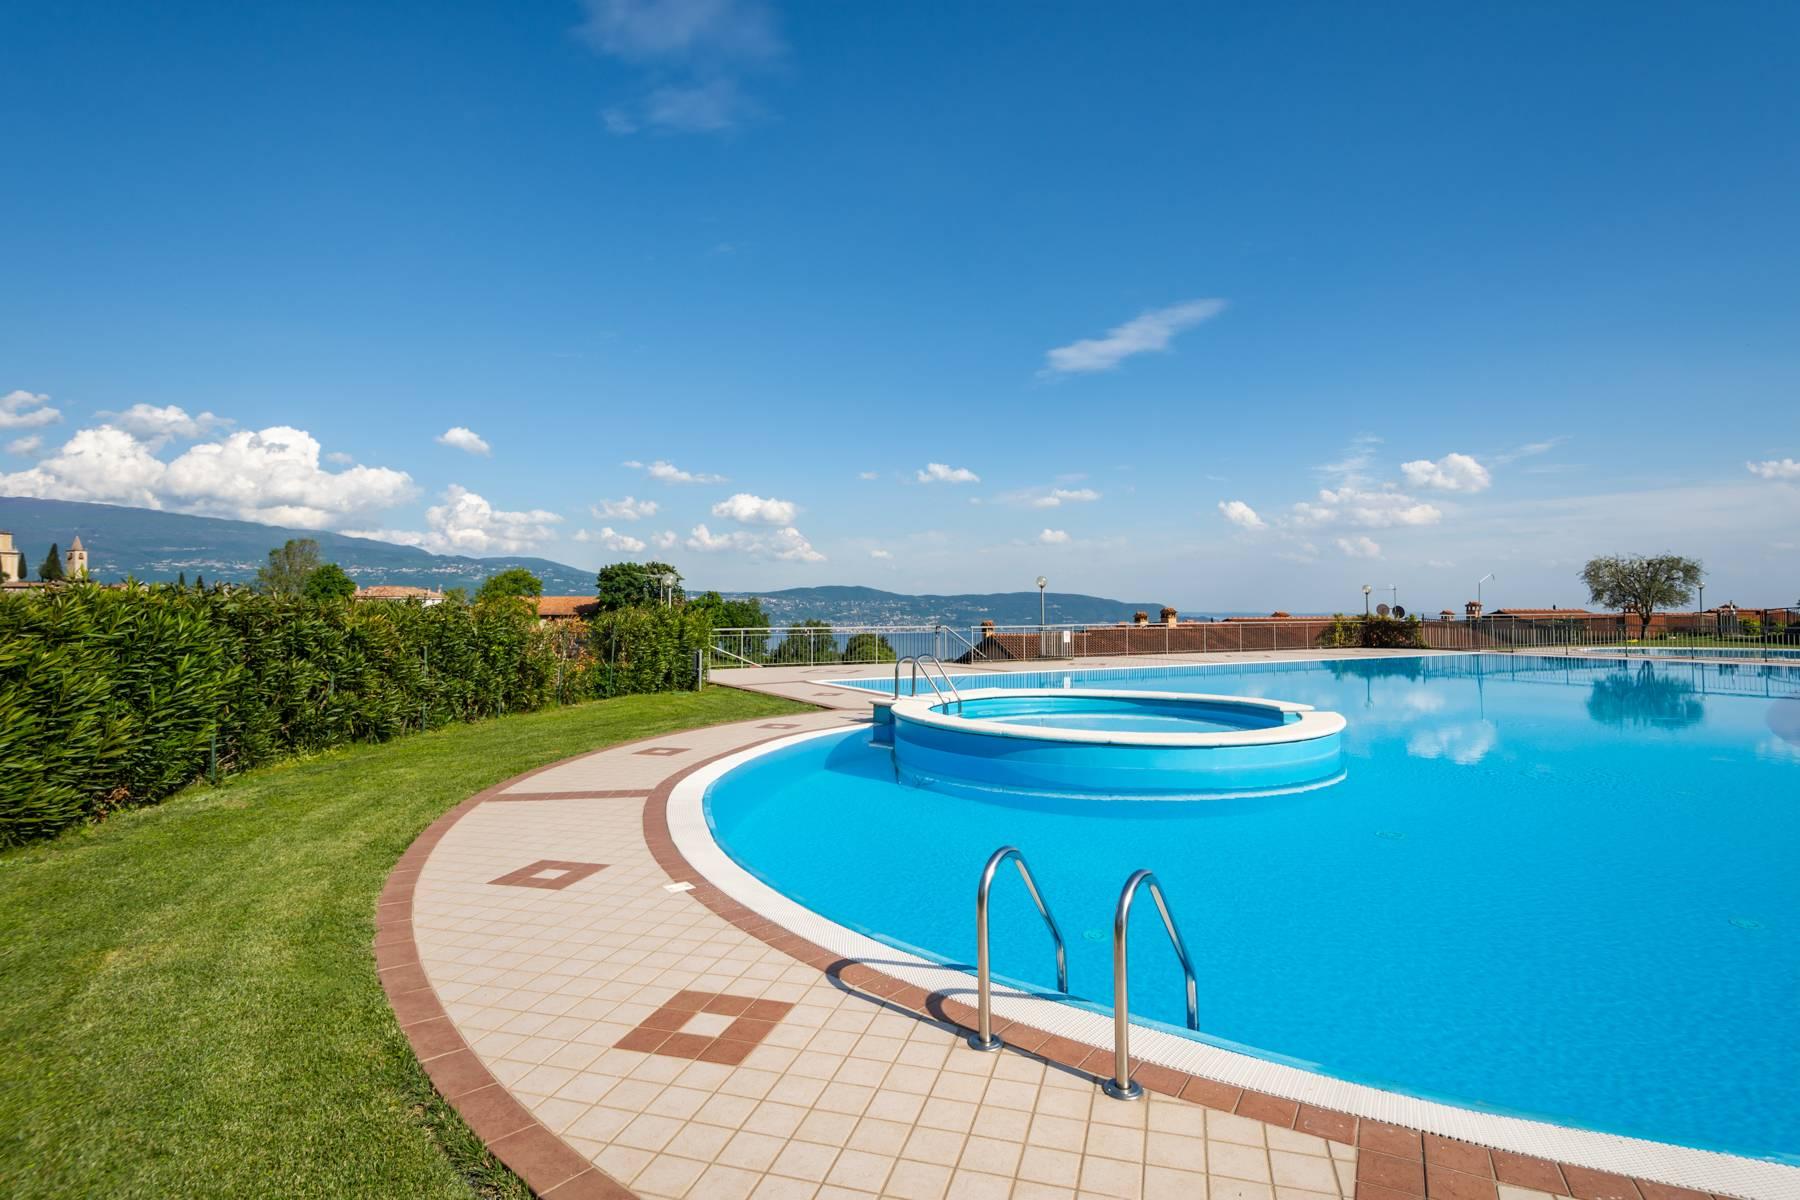 Casa indipendente in Vendita a Toscolano-Maderno: 4 locali, 76 mq - Foto 20